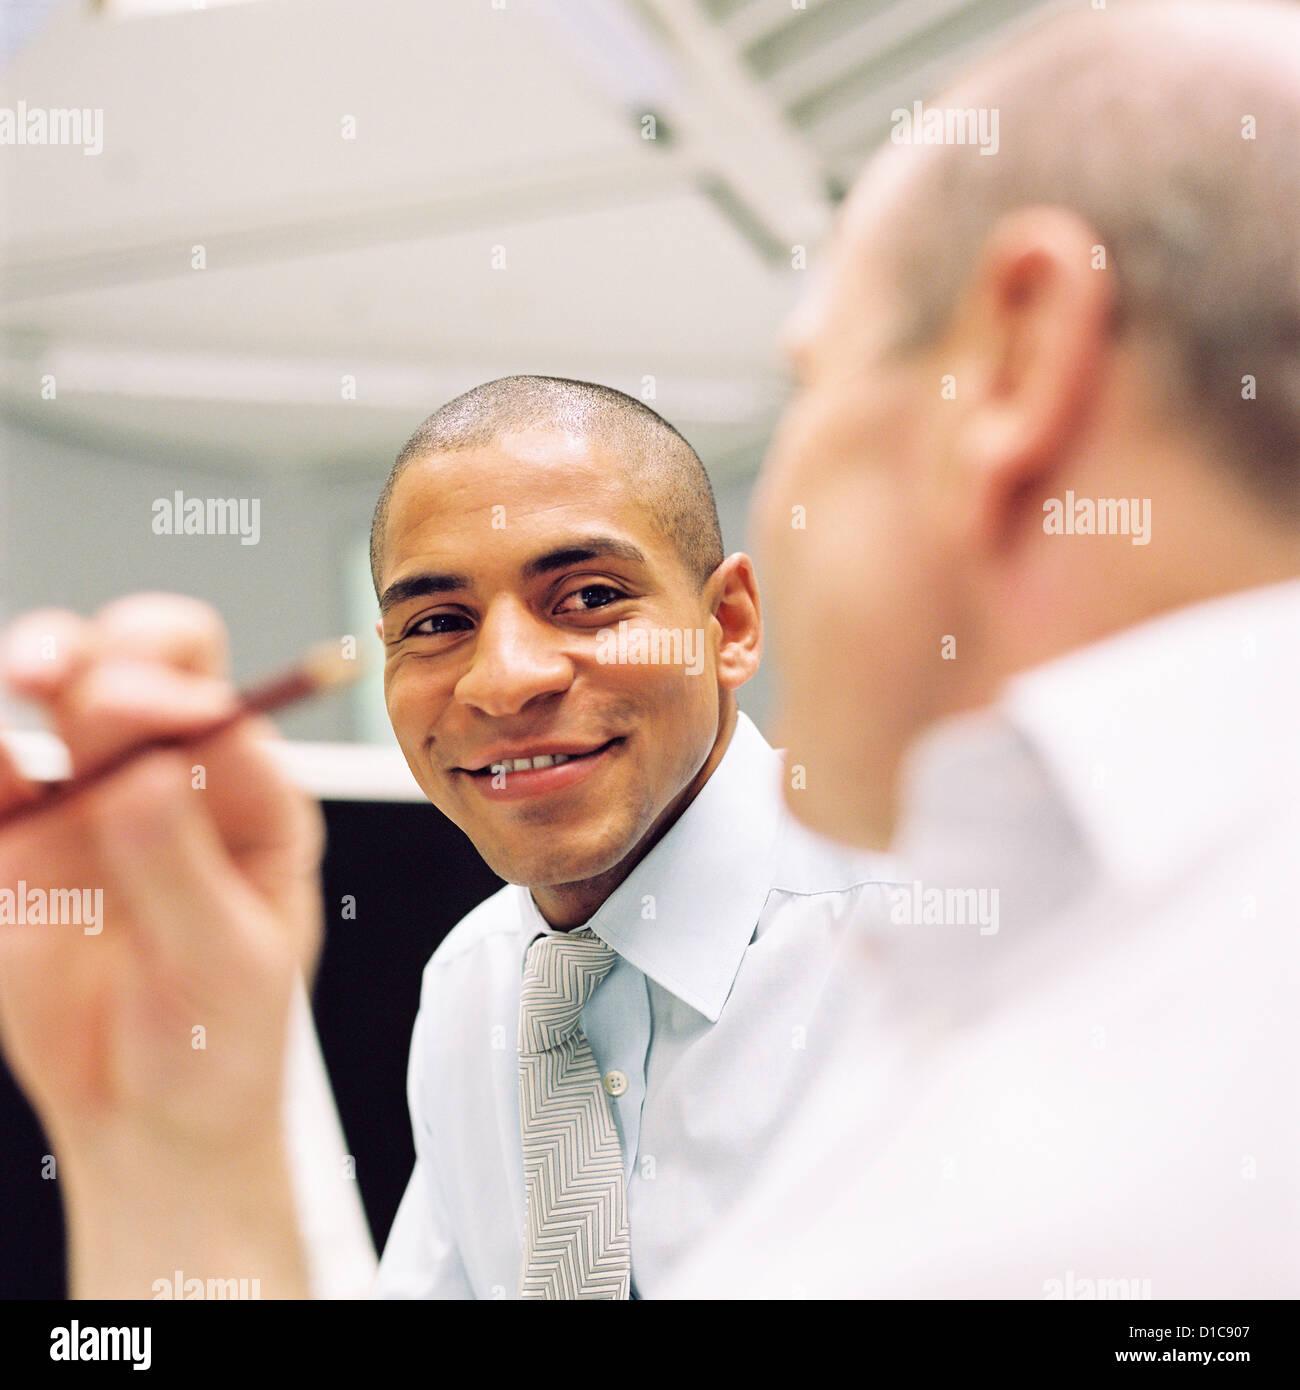 Geschäft Leute Rechenzentrum Control Center Mann lizenzfrei außer anzeigen und Plakate Stockbild